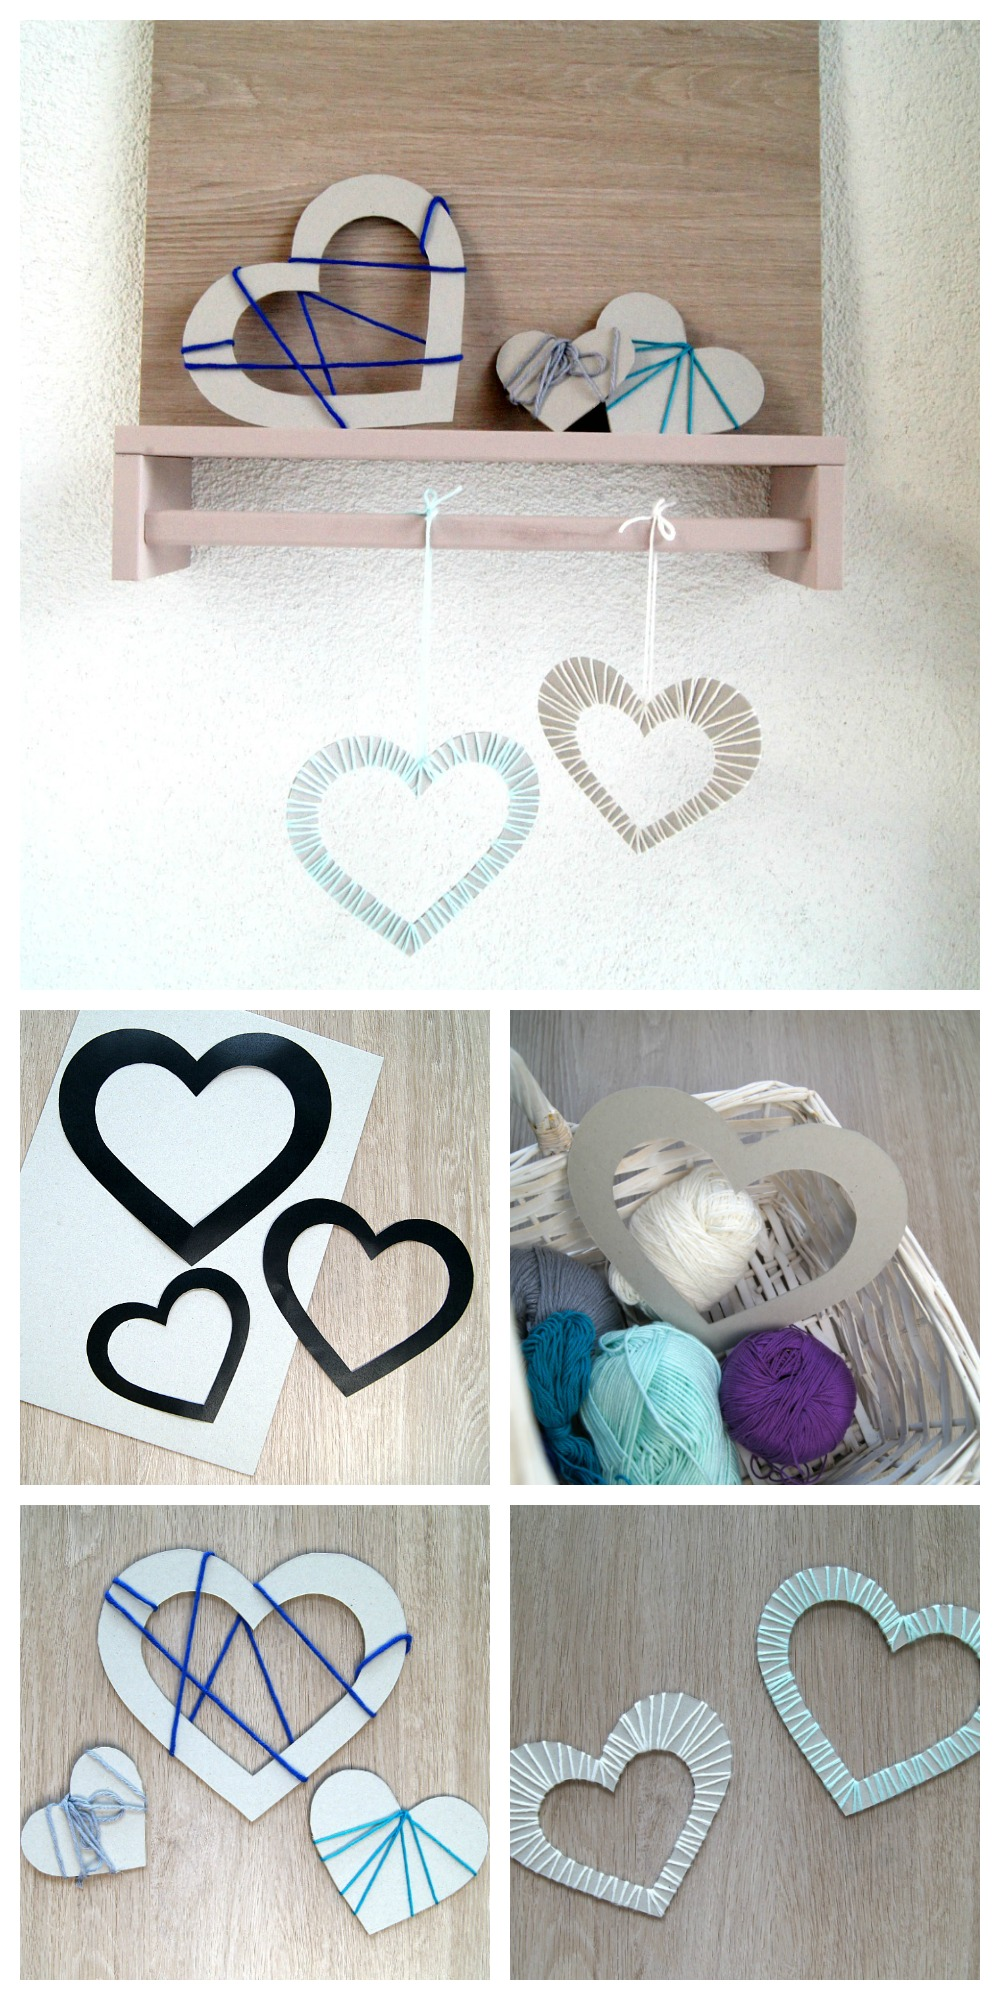 valentinsherzen einmal anders gestalten kids kreativ fantasiewerk. Black Bedroom Furniture Sets. Home Design Ideas